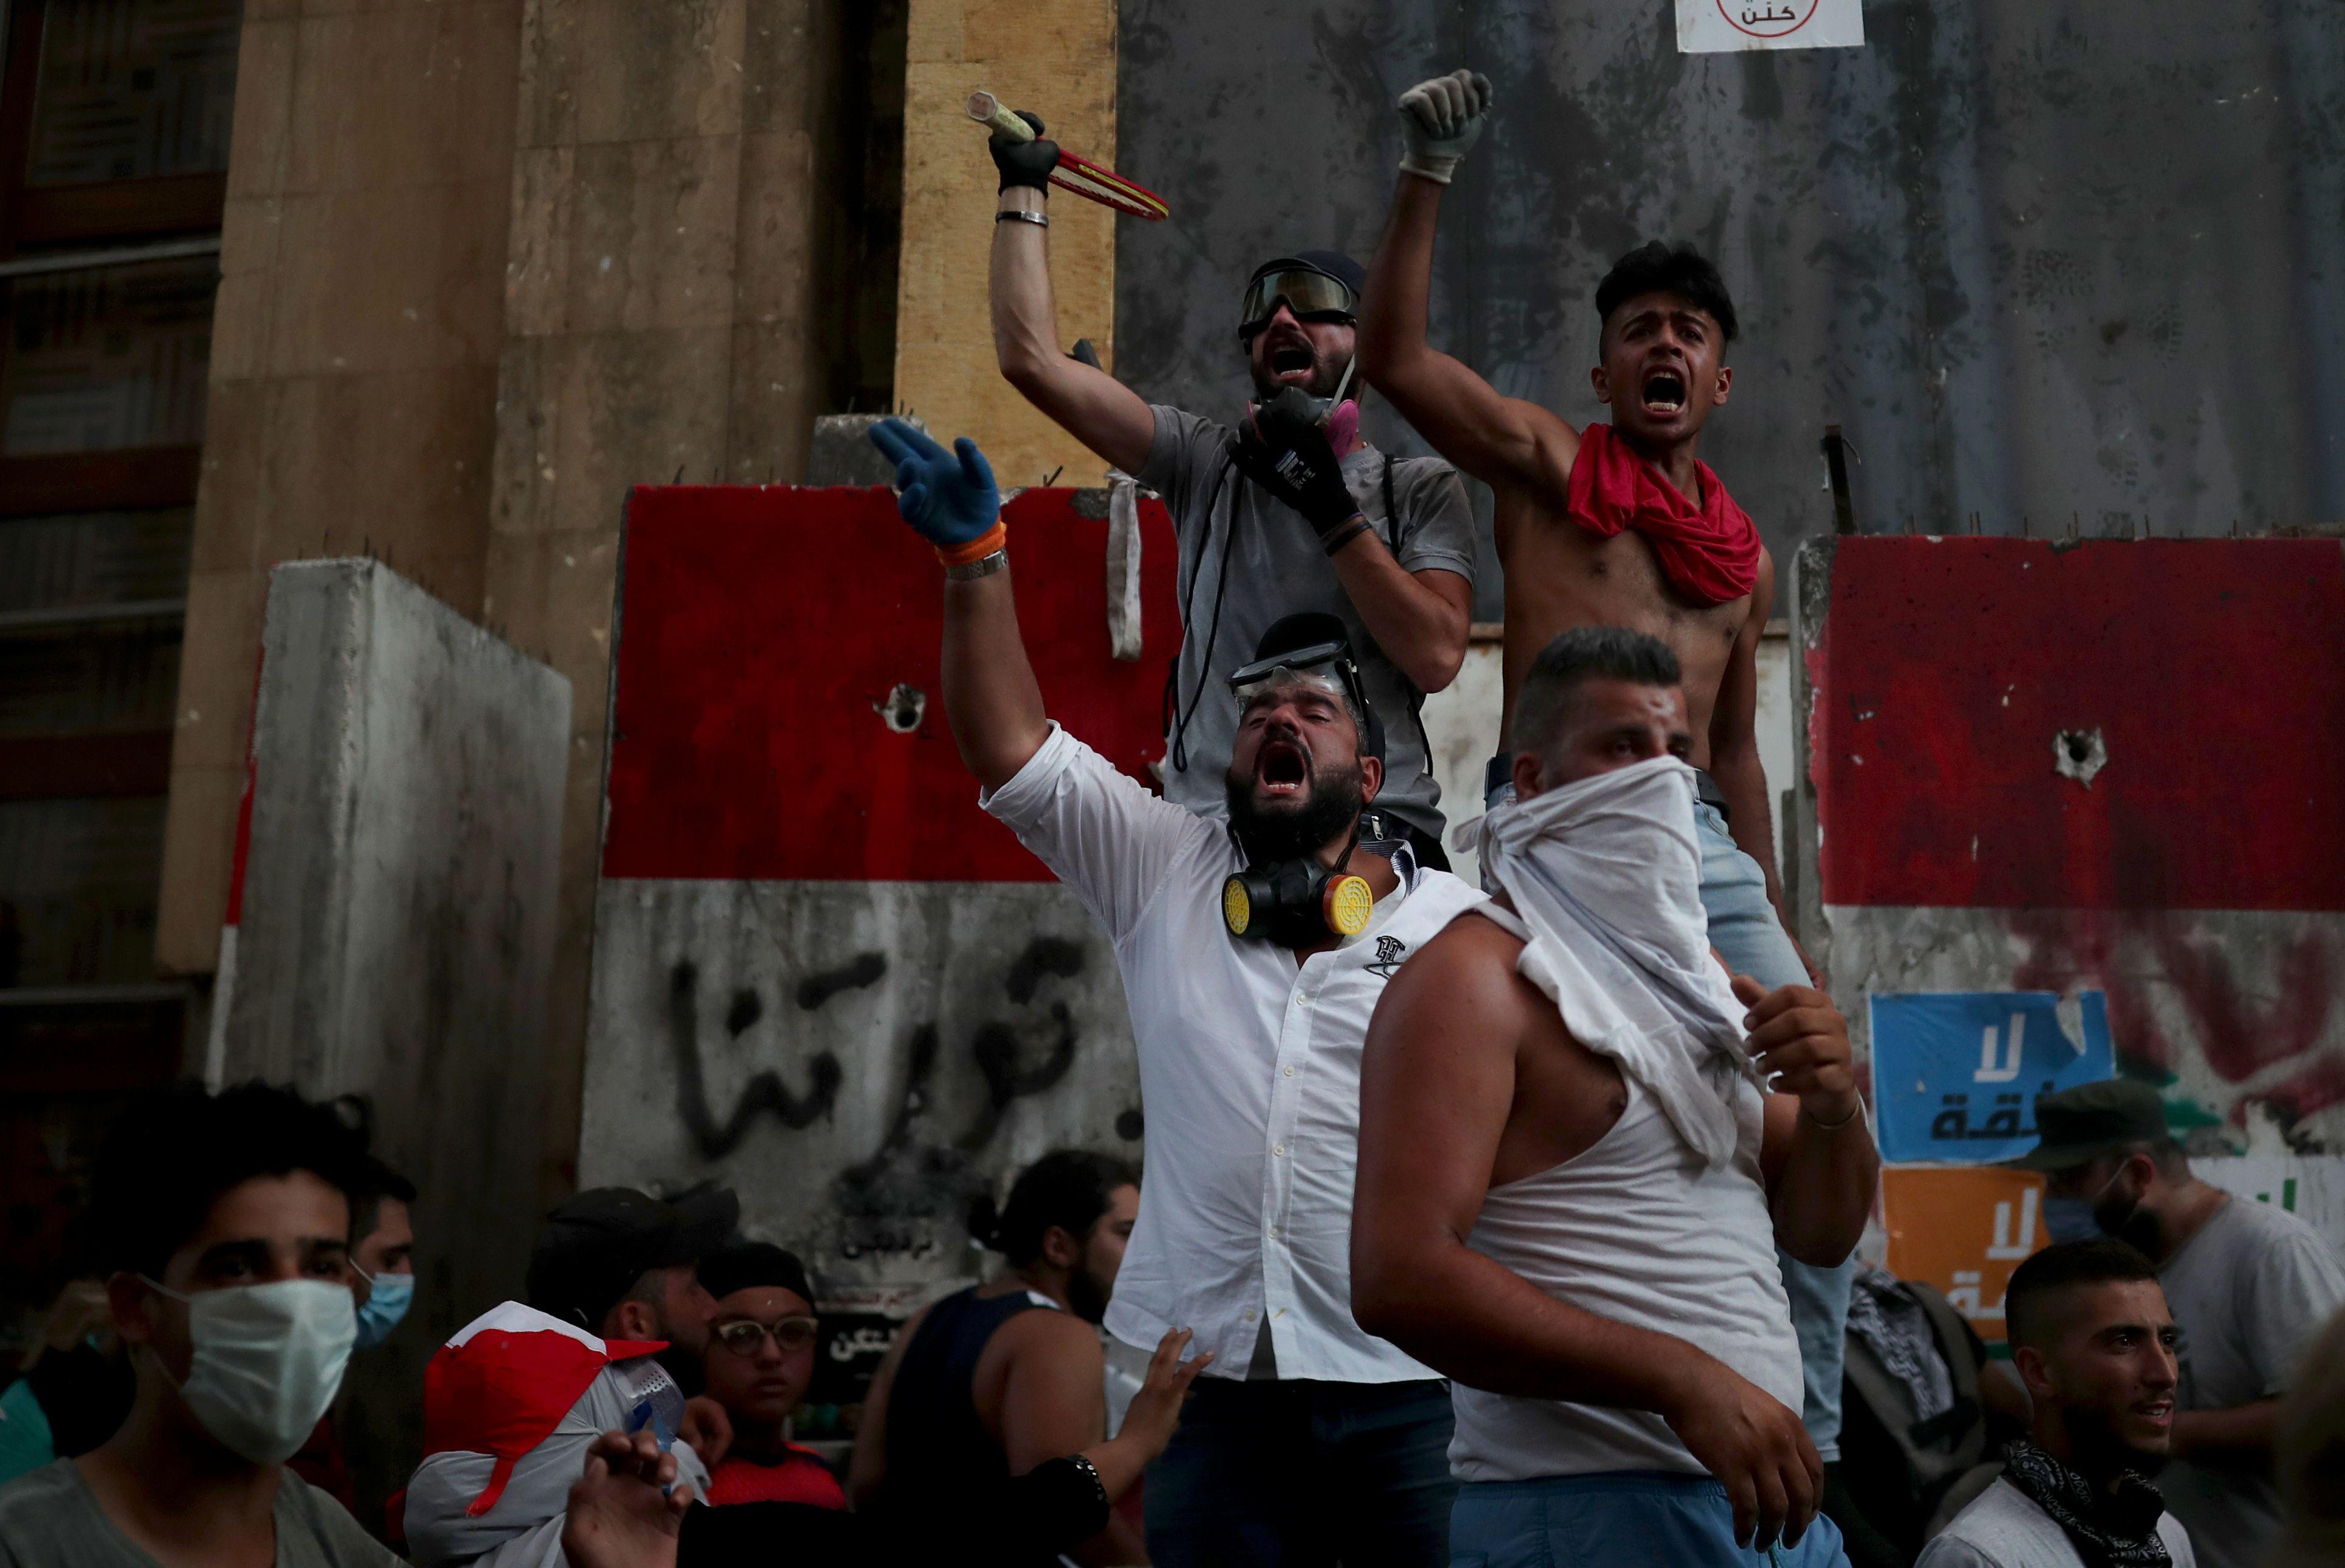 Los manifestantes participan en protestas contra el gobierno que han sido provocadas por una explosión masiva en Beirut, Líbano. REUTERS/Alkis Konstantinidis